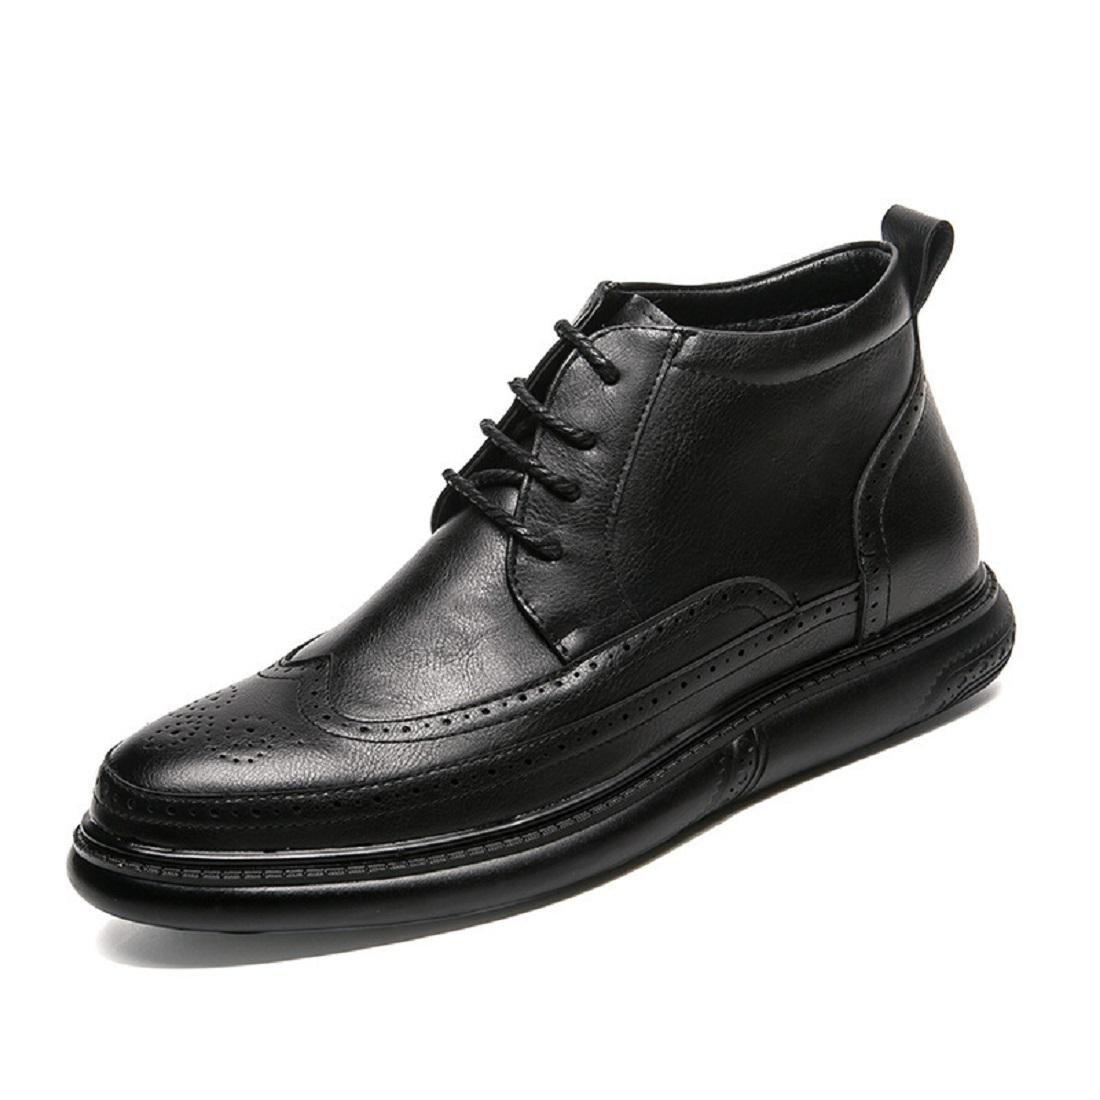 Herren Mode Freizeit Lederschuhe Licht Gemütlich Martin Stiefel Werkzeugschuhe Draussen Flache Schuhe EUR GRÖSSE 37-44